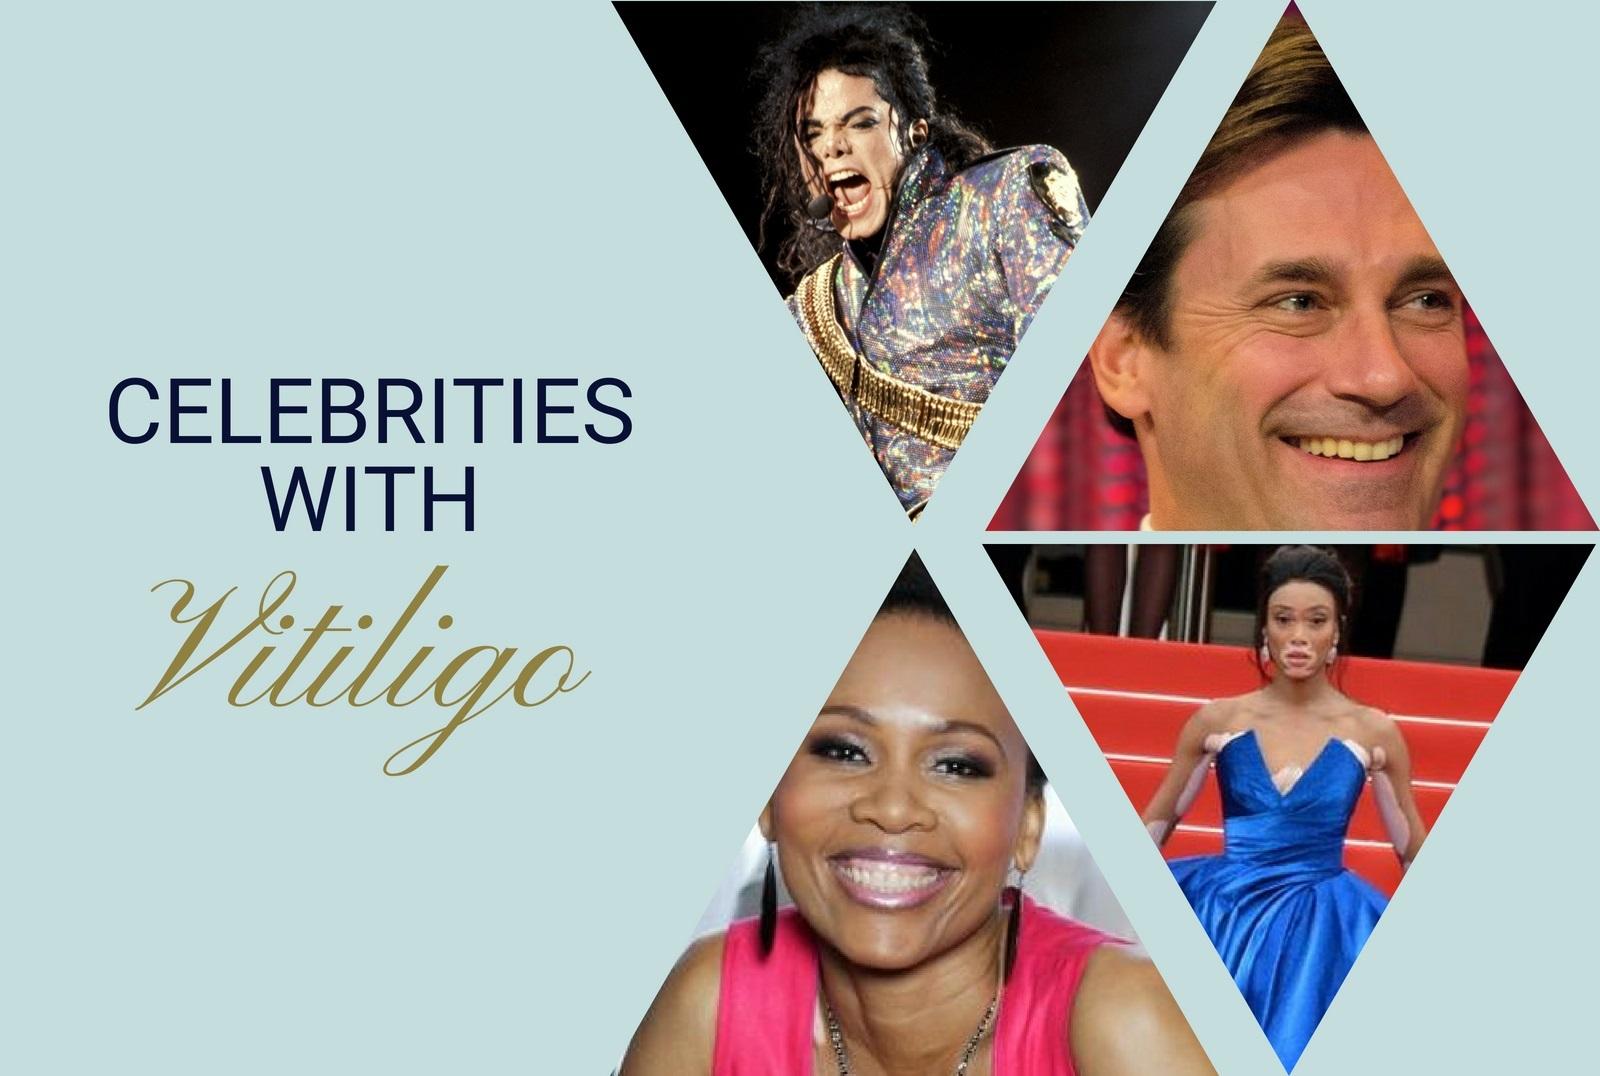 Famous Vitiligans 56 Celebrities With Vitiligo Unite For Vitiligo